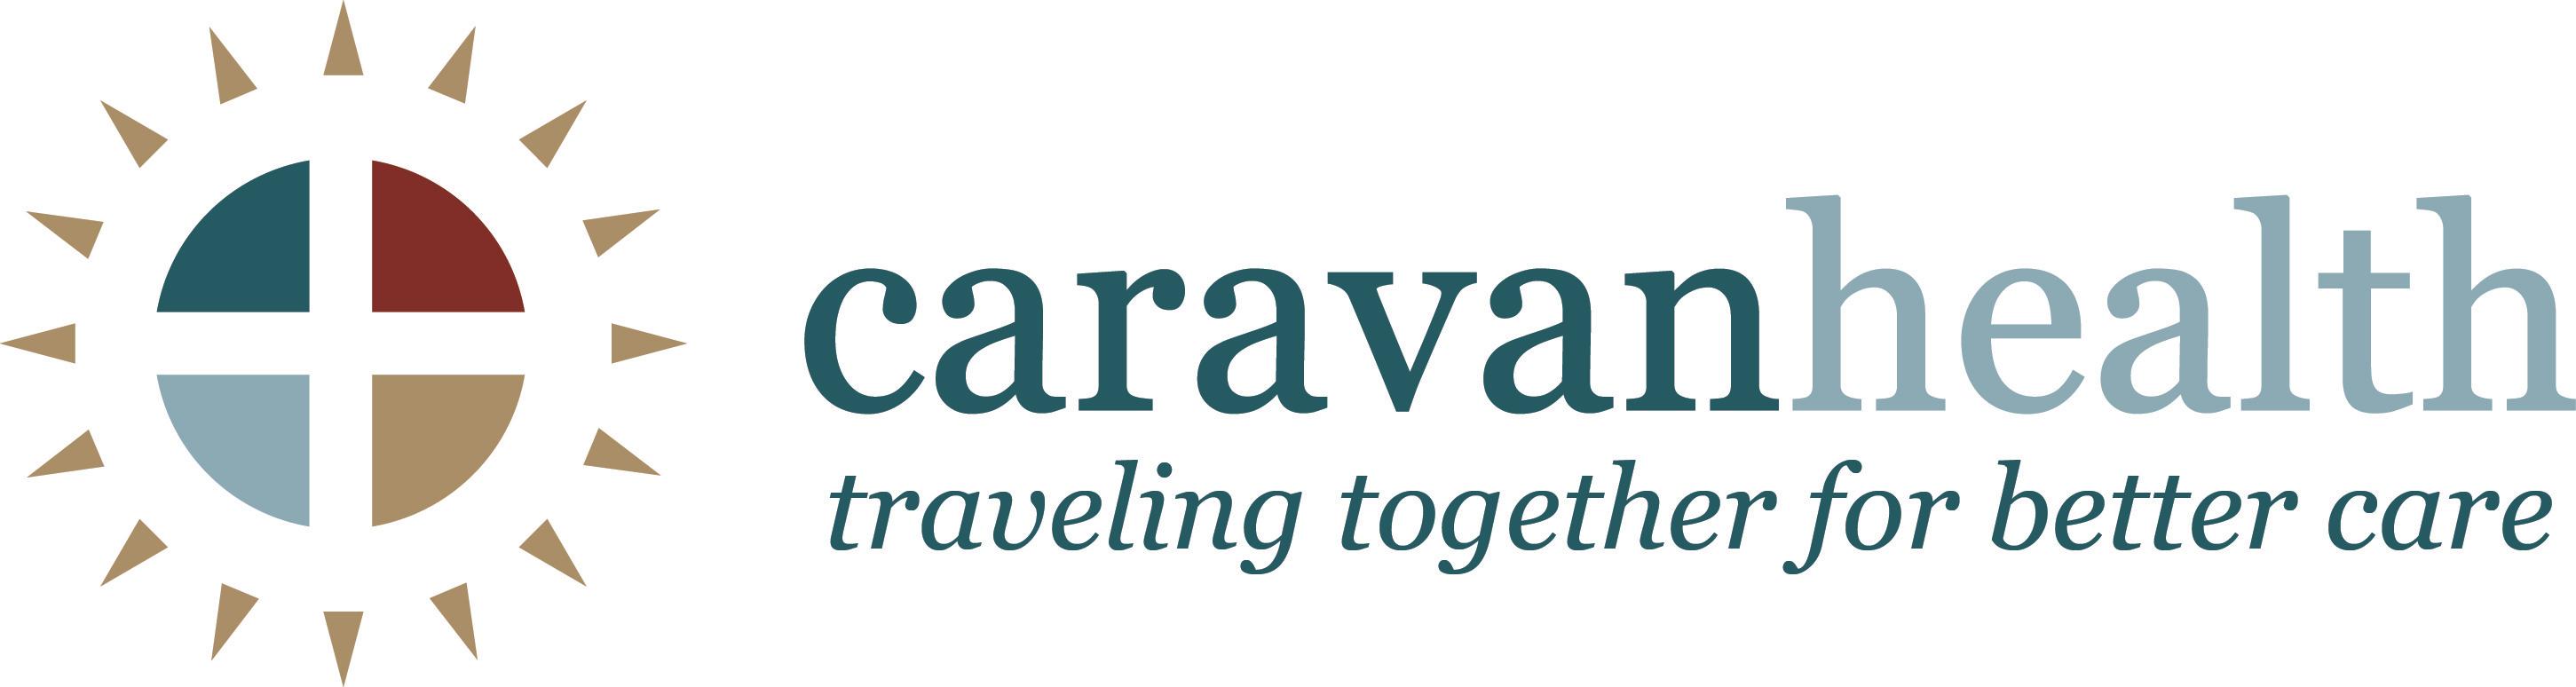 BRONZE Caravan Health